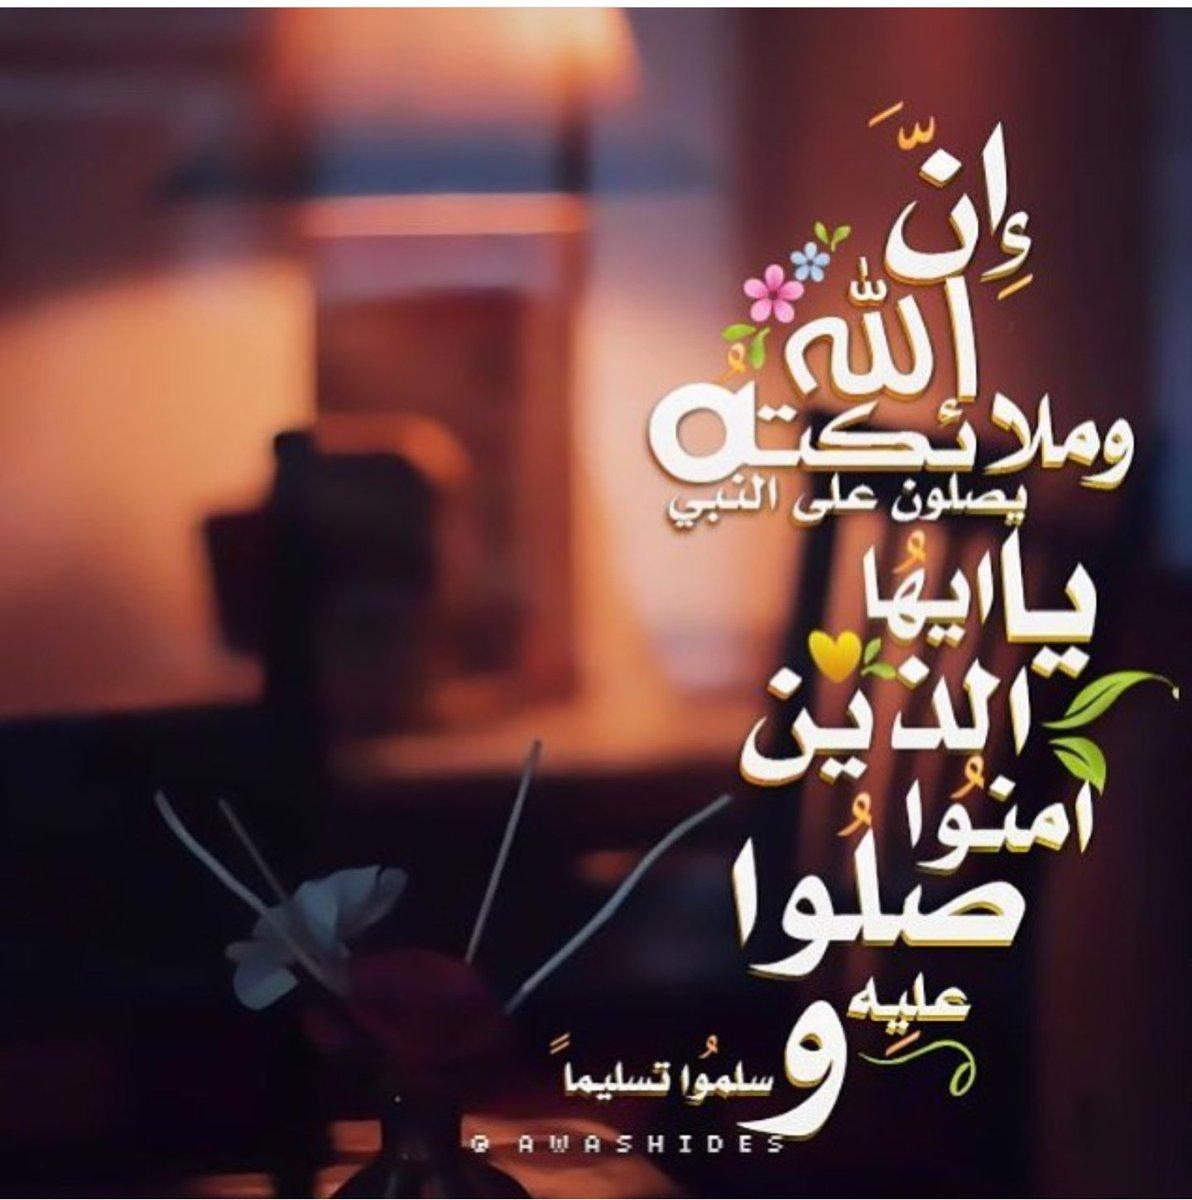 صلى الله على محمد صلى الله عليه وسلم تويتر Makusia Images